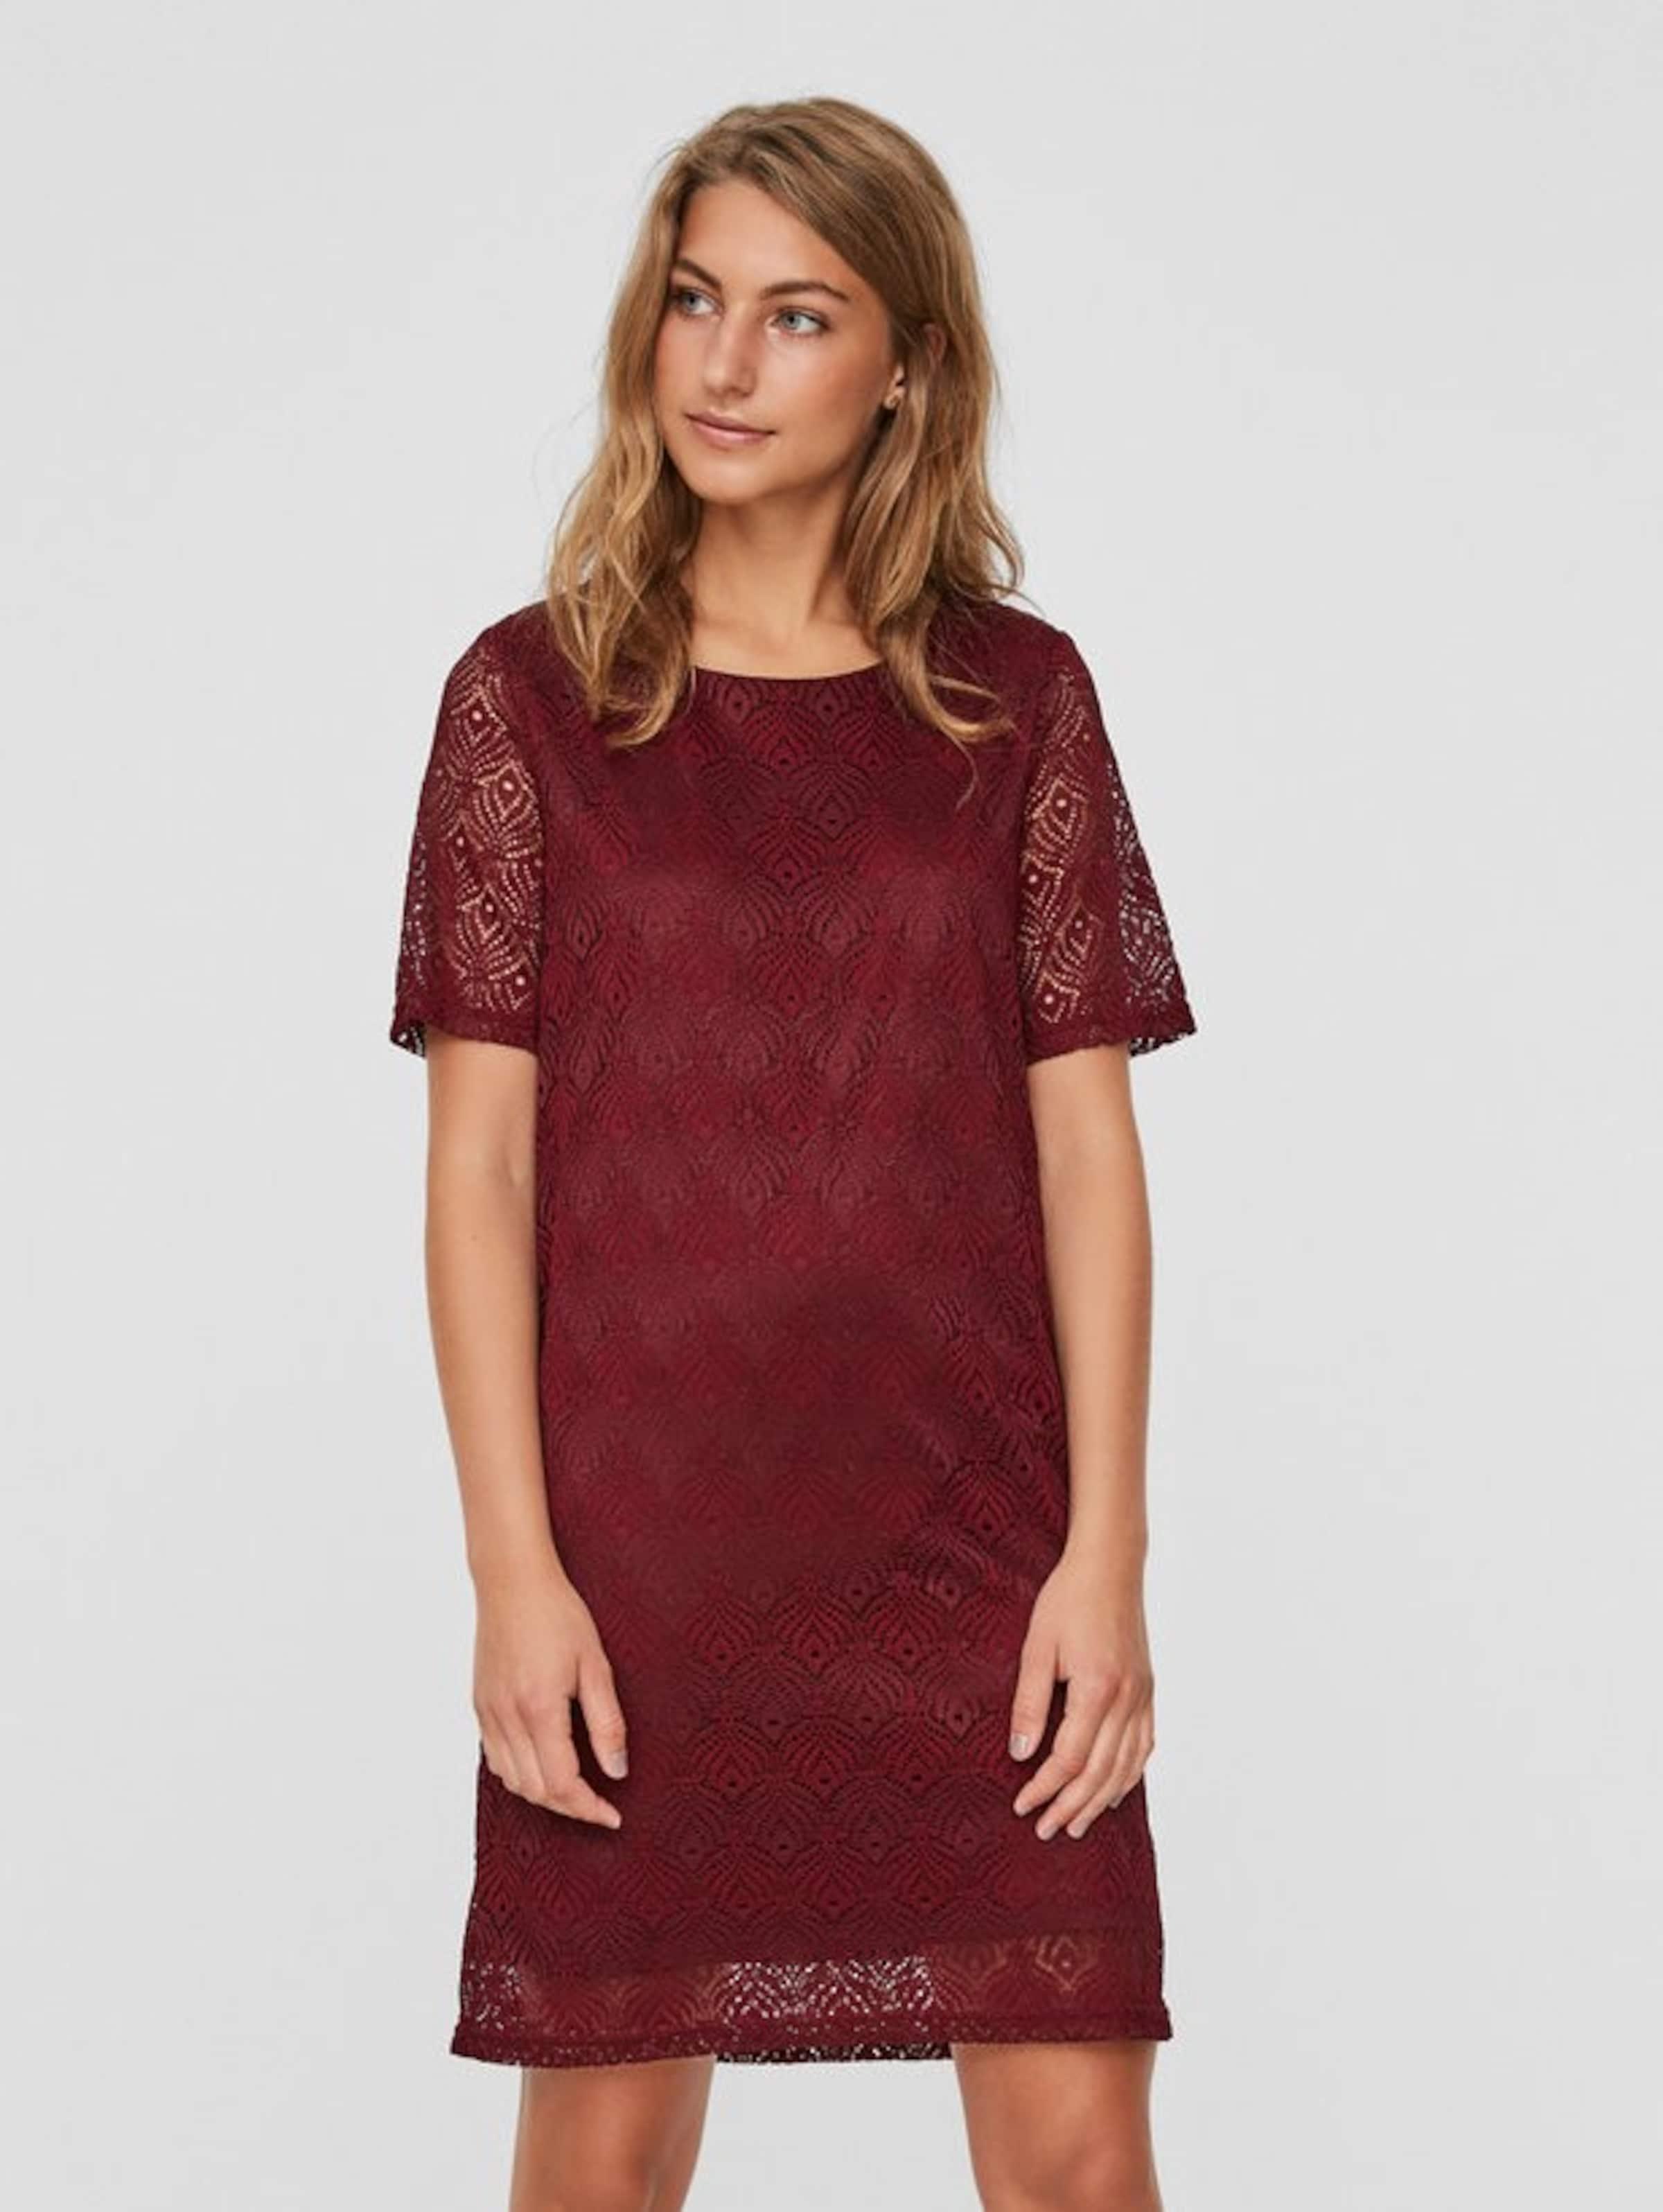 VERO MODA Spitzen-Kleid mit kurzen Ärmeln 2018 Kühl Besuch Günstig Kaufen Offizielle Seite Billig Verkauf Neueste eXD00R